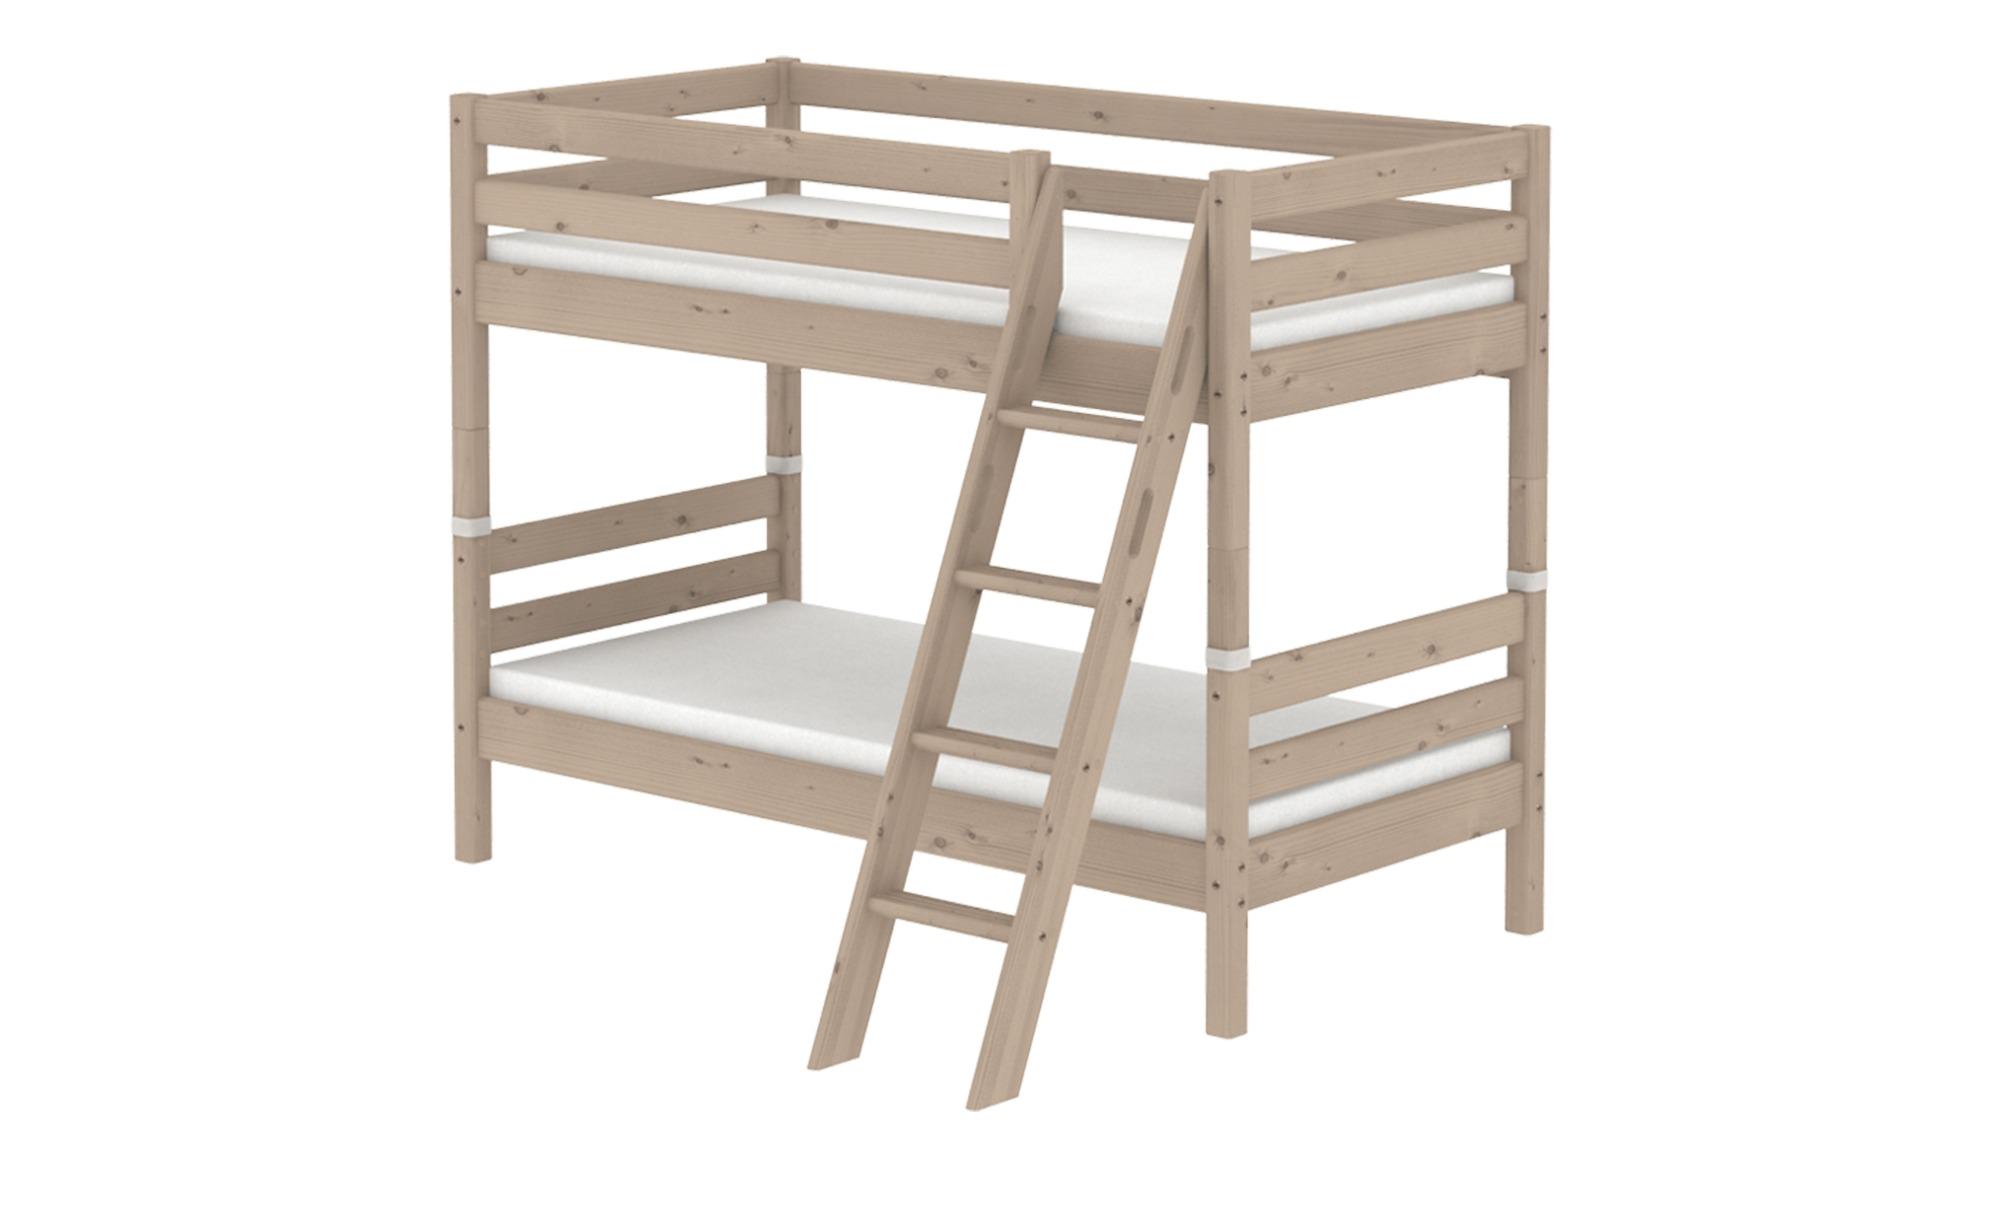 FLEXA Etagenbett 90x200 Holz Flexa Classic ¦ holzfarben ¦ Maße (cm): B: 163 H: 154 Kindermöbel > Kinderbetten - Höffner | Kinderzimmer > Kinderbetten > Etagenbetten | Möbel Höffner DE